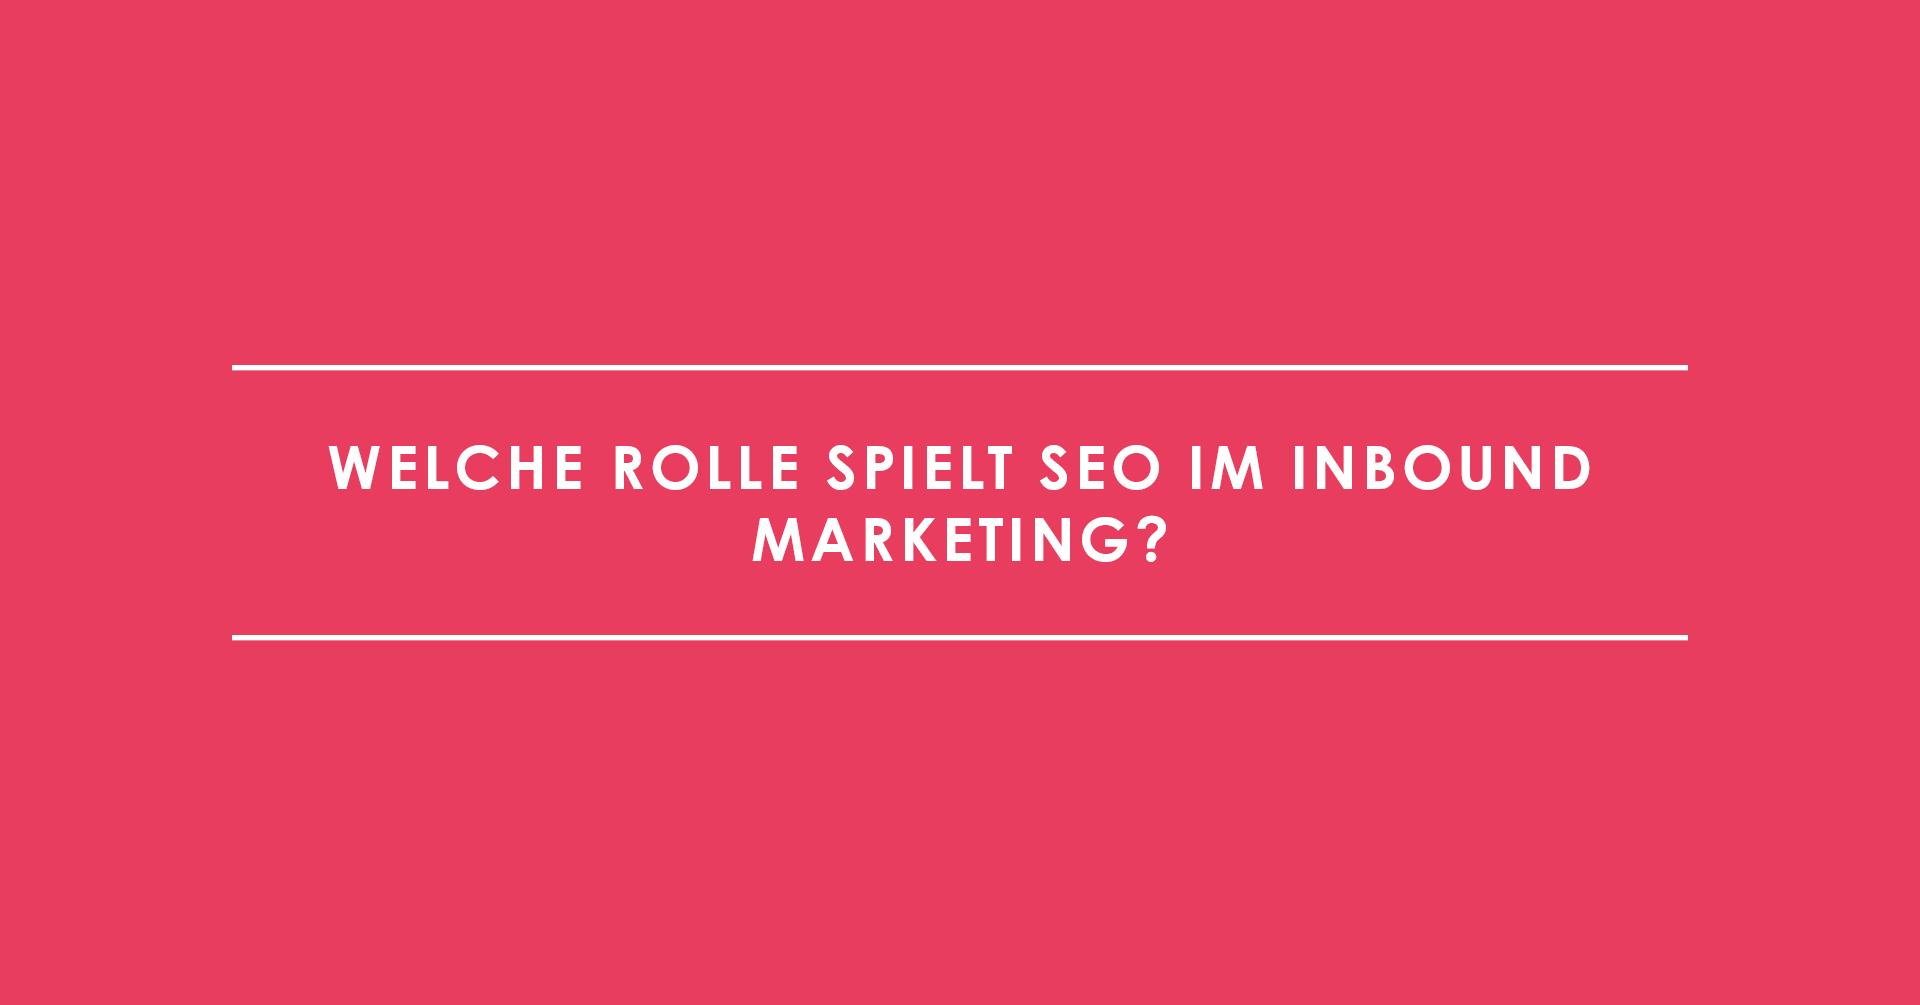 Welche Rolle spielt SEO im Inbound Marketing?